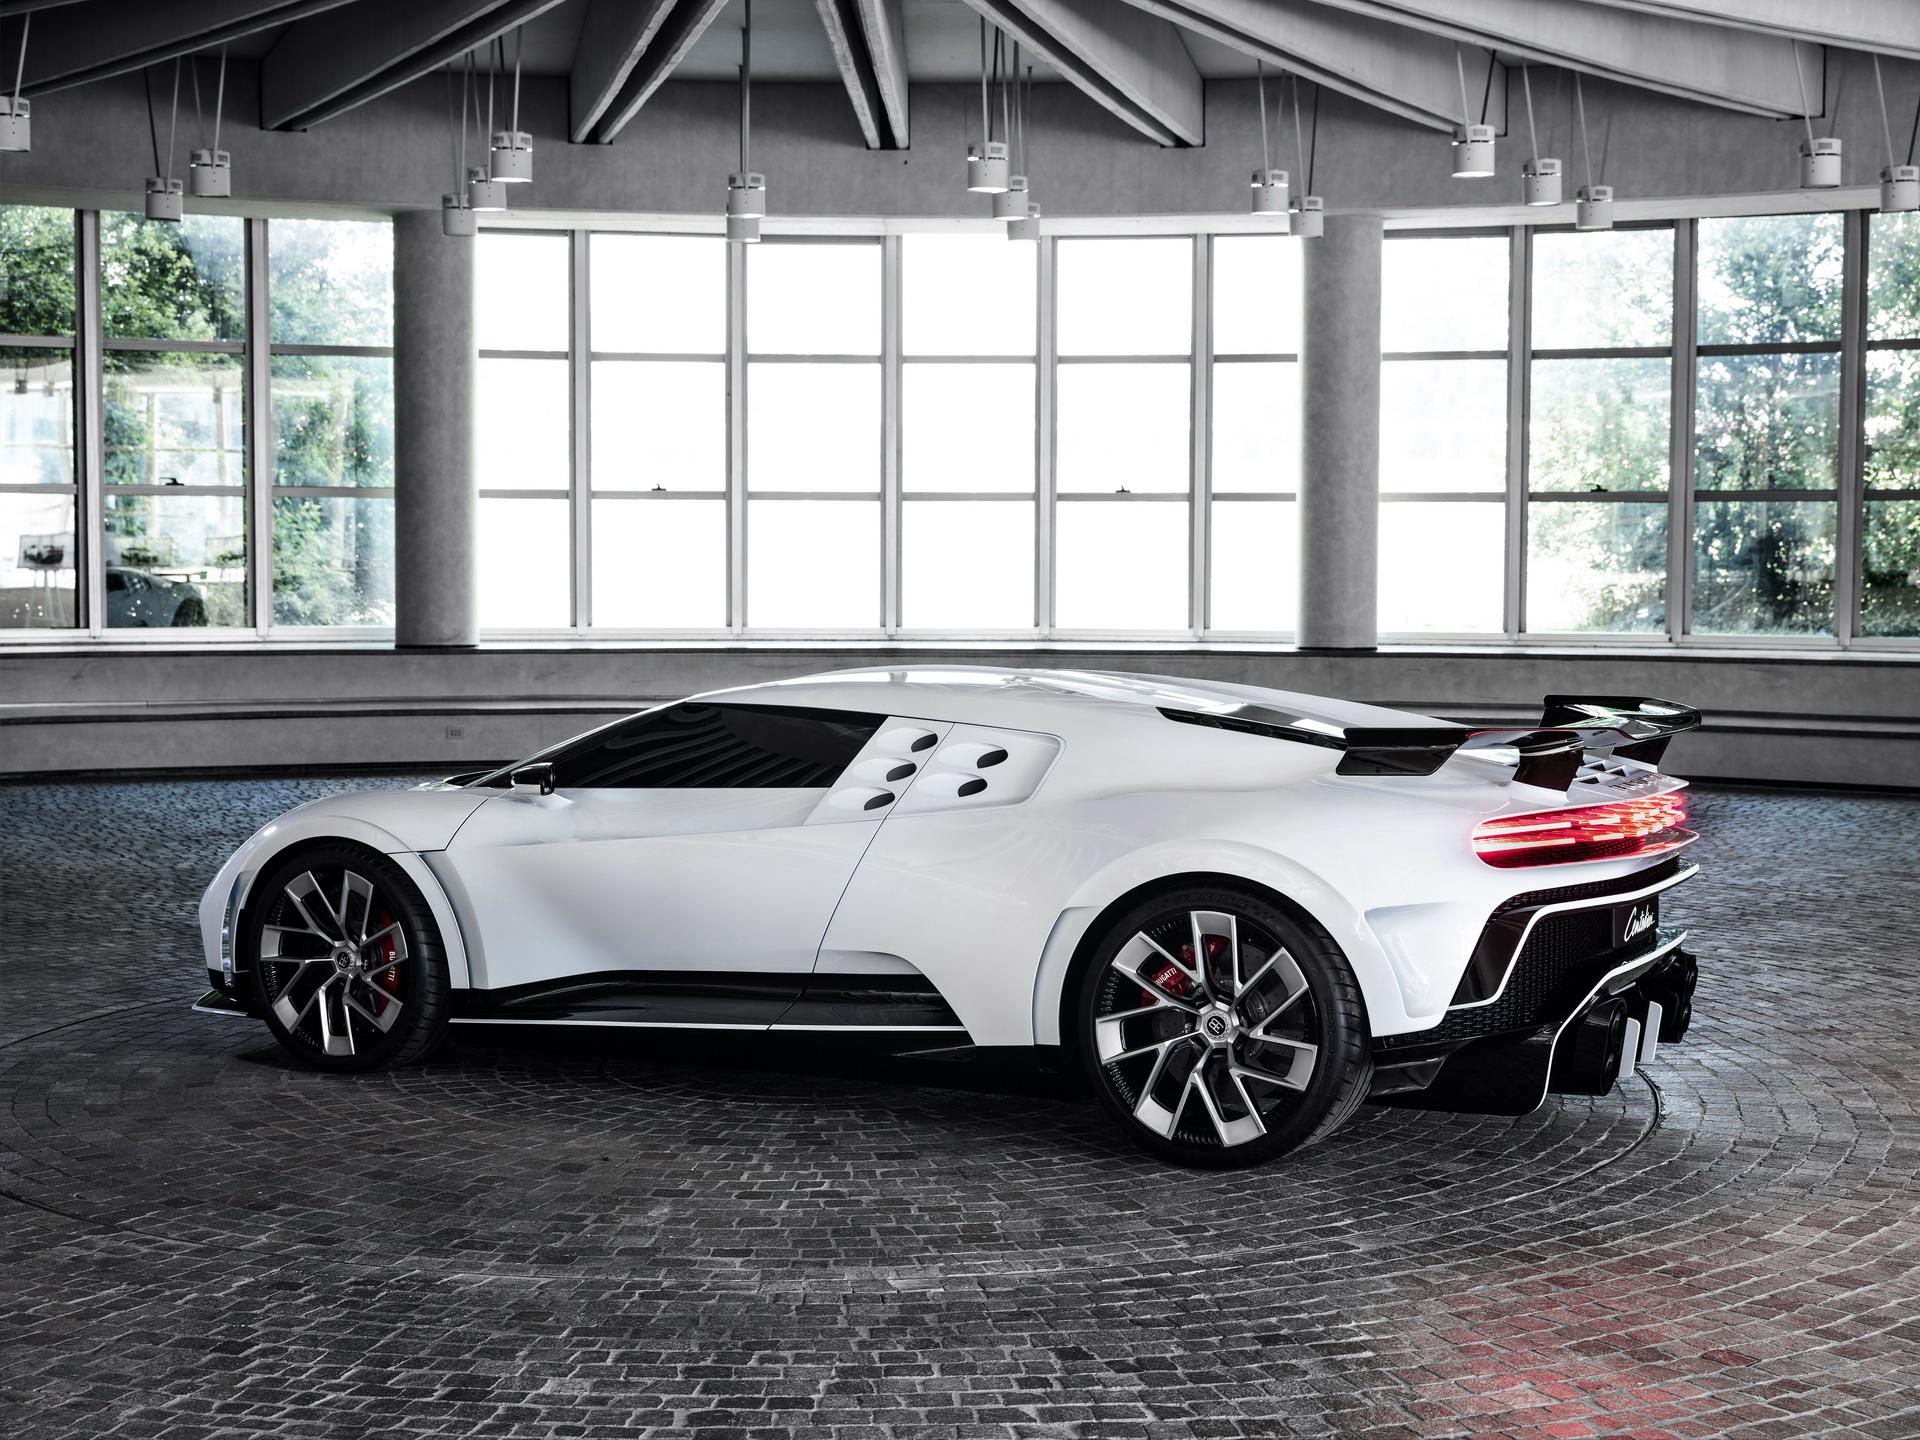 Ronaldo buys Worlds most expensive vehicle, a Bugatti Centodieci